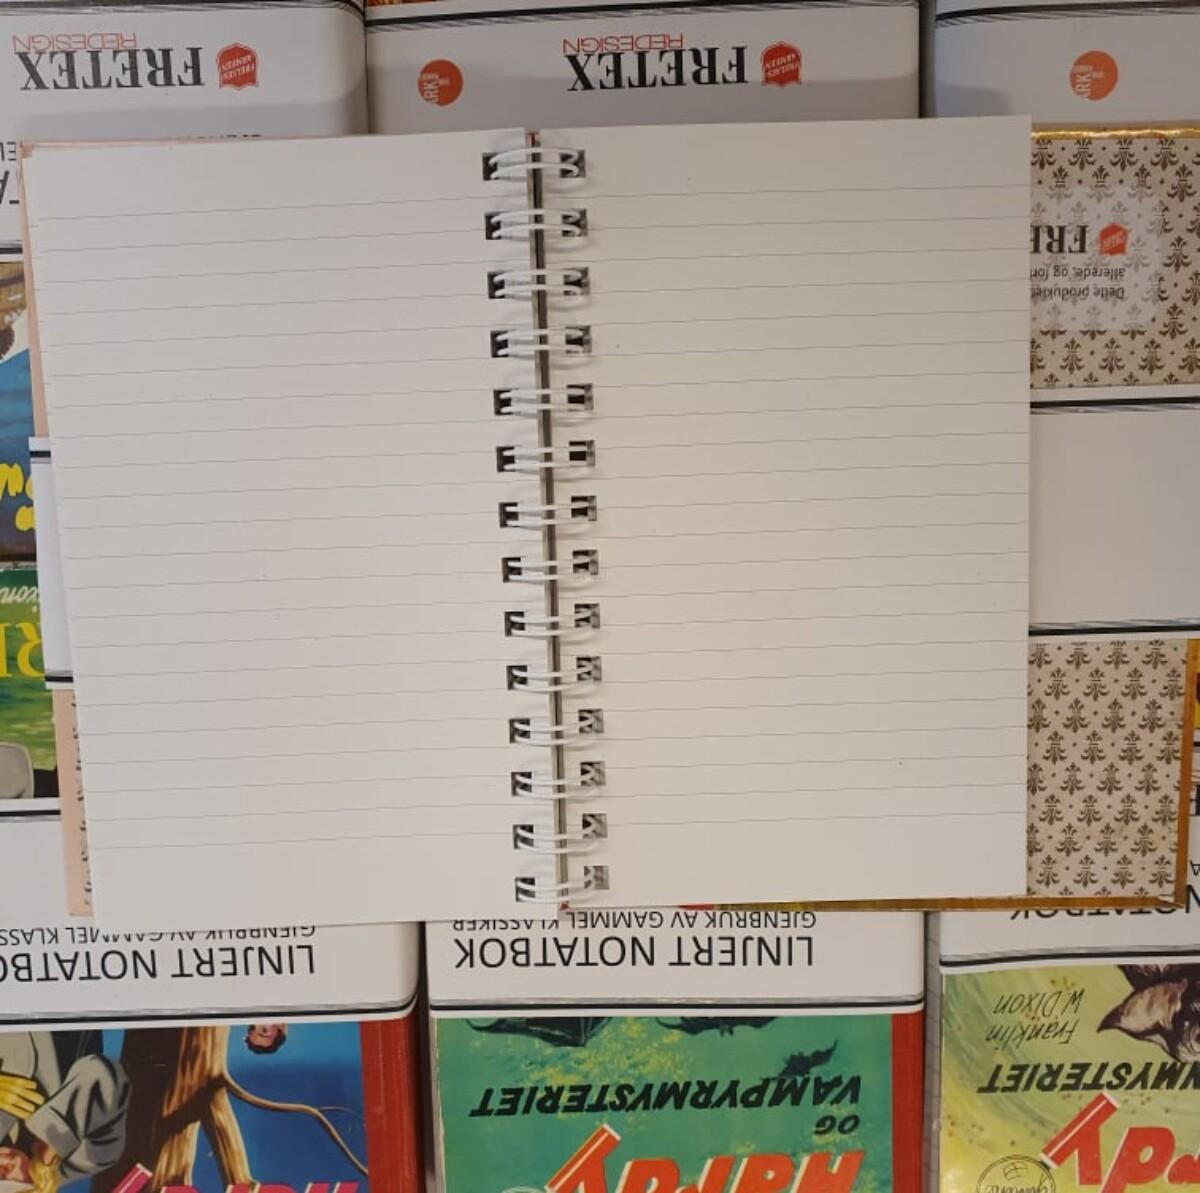 Retro Notatbok- Gjenbruk av gamle bøker'